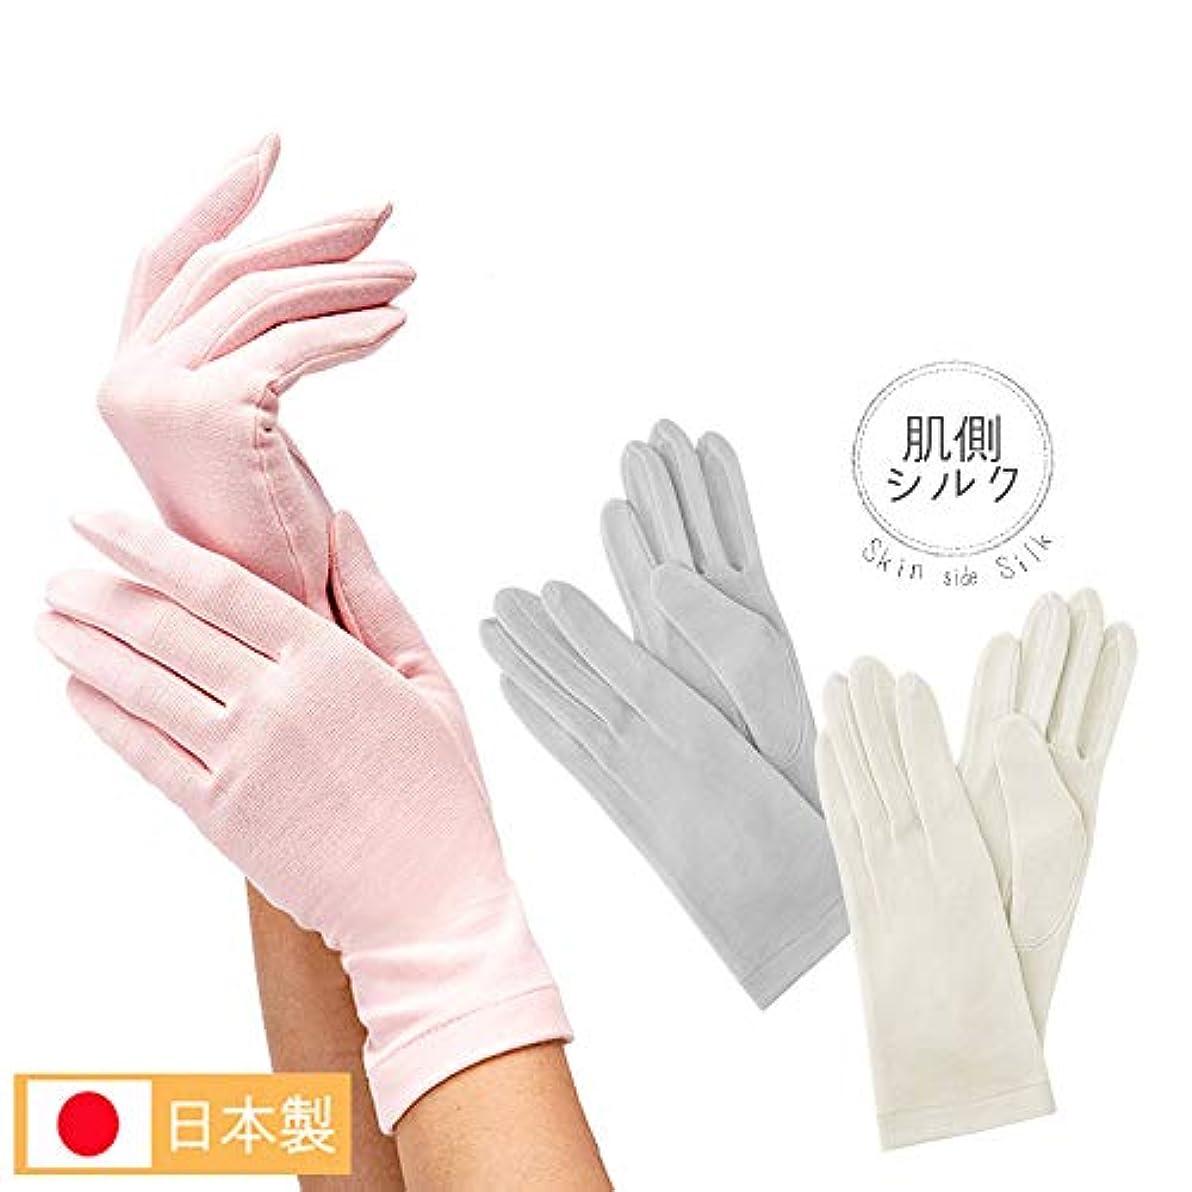 寄付するシャークシェルターG12-0071_IV 就寝用 裏シルクうるおい手袋 あったか 薄い 手荒れ ハンドケア 保湿 レディース 女性 おやすみ 寝るとき 日本製 アイボリー